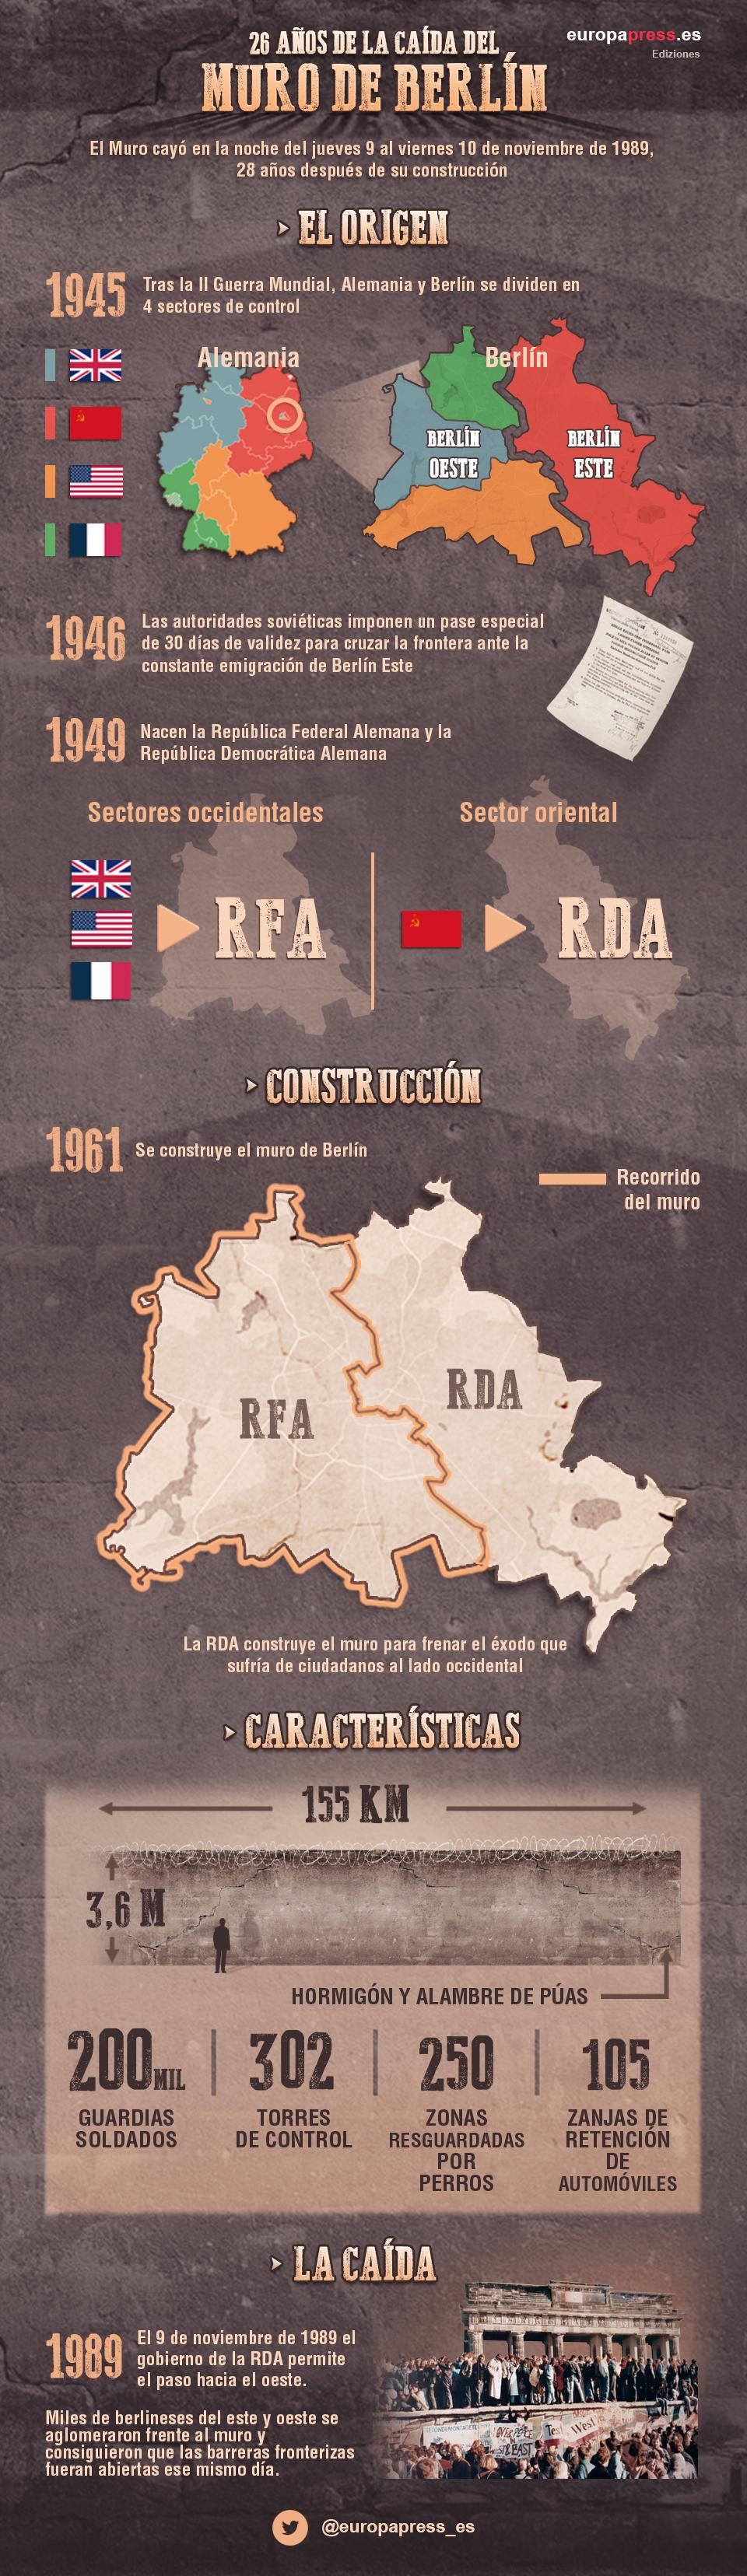 Infografía sobre la caída del Muro de Berlín